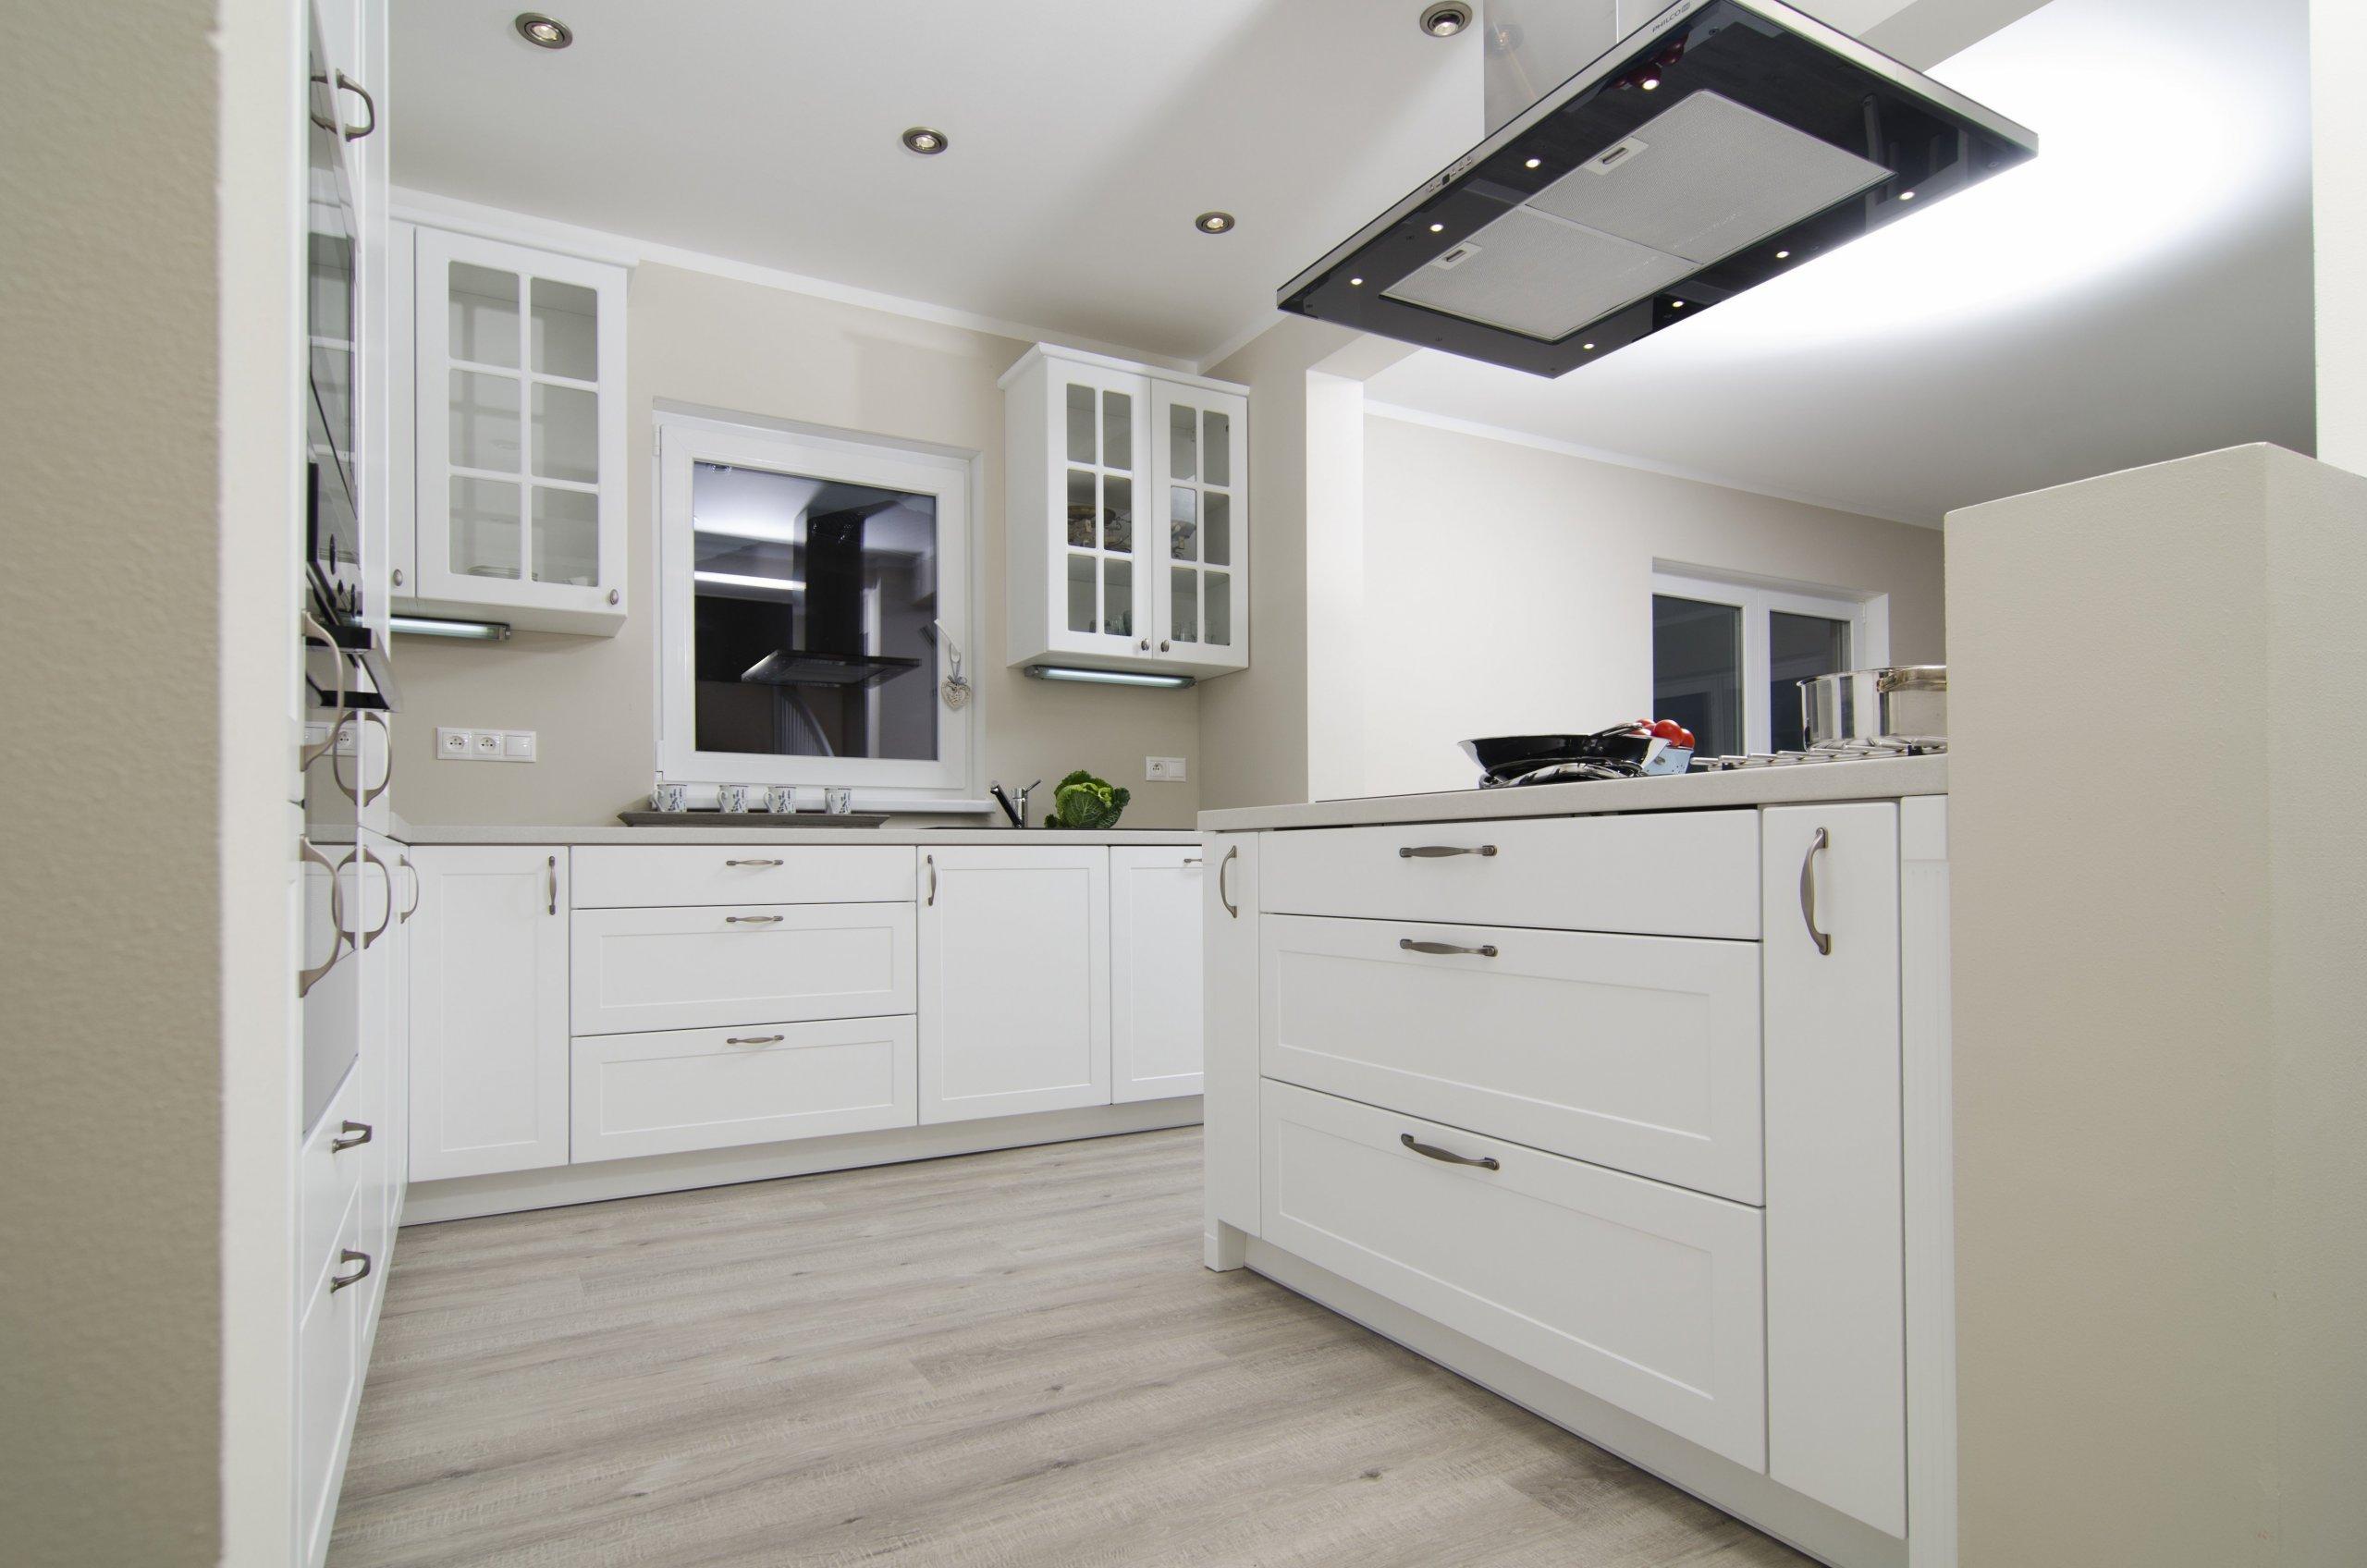 Tato nádherná, velkoryse koncipovaná kuchyně je zhmotněním tajného snu mladé rodiny. V rodinném domě, jehož je součástí, zaujala sebevědomě rozlehlou část…